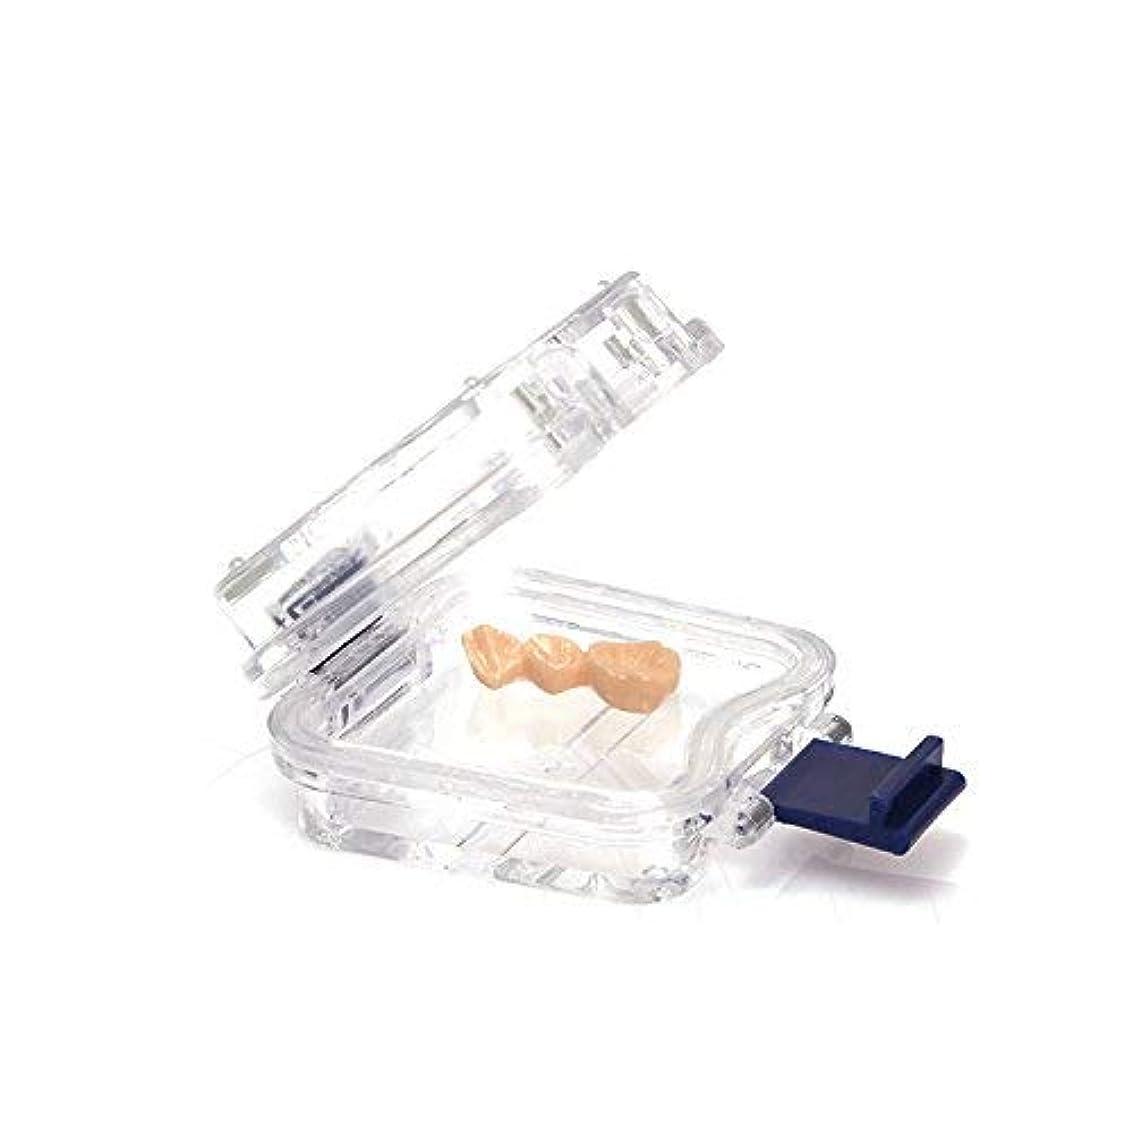 アンソロジー醜い改善入れ歯ケース膜付き 5pcs/lot 義歯ケース 防振入れ歯ケース 小サイズ Annhua